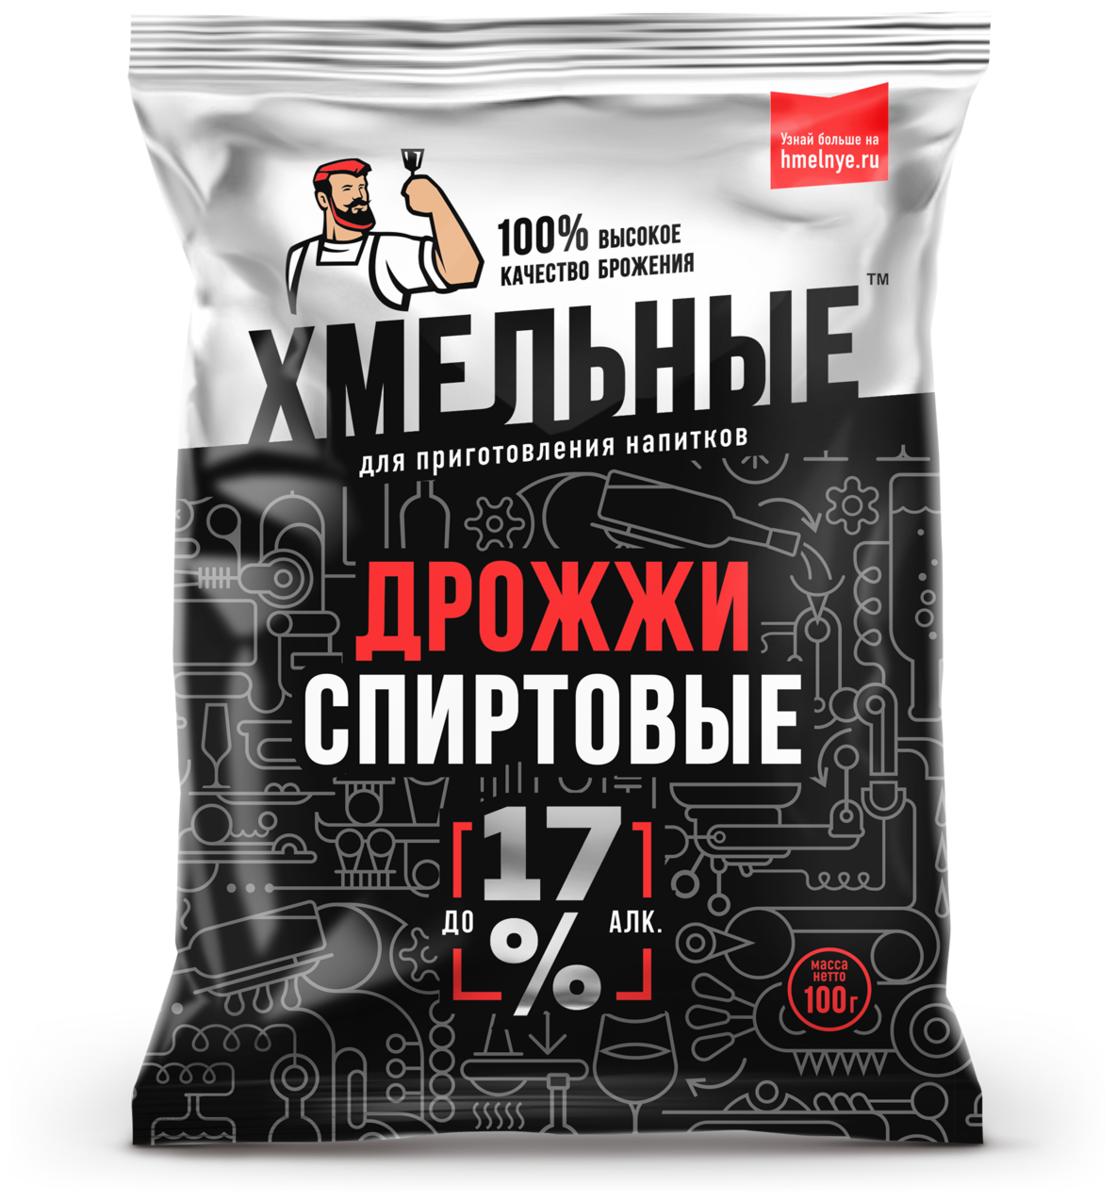 Дрожжи спиртовые Хмельные (2 упаковки по 100 г.) — купить по выгодной цене на Яндекс.Маркете